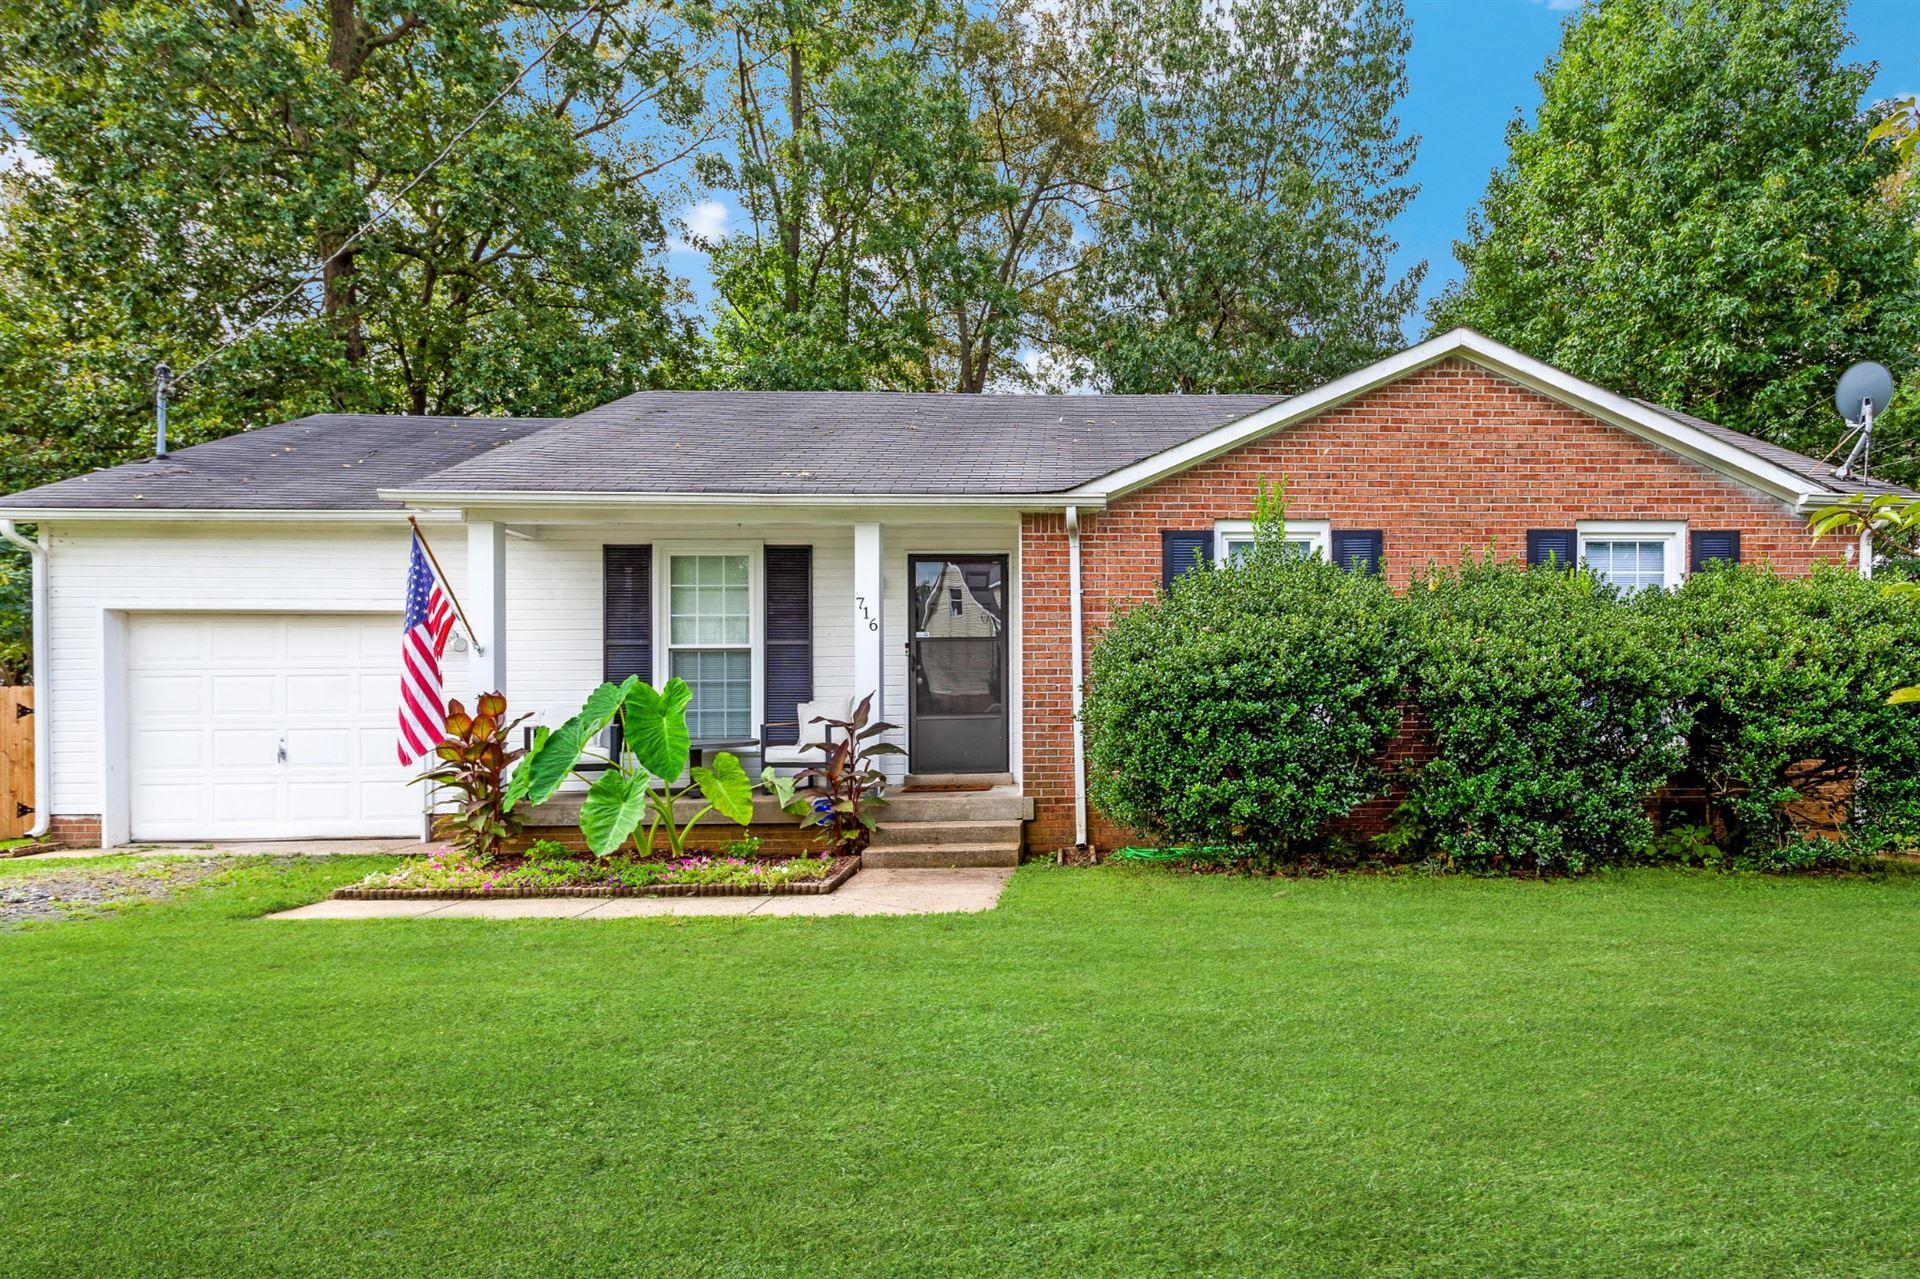 716 R S Bradley Blvd, Clarksville, TN 37042 - MLS#: 2183036